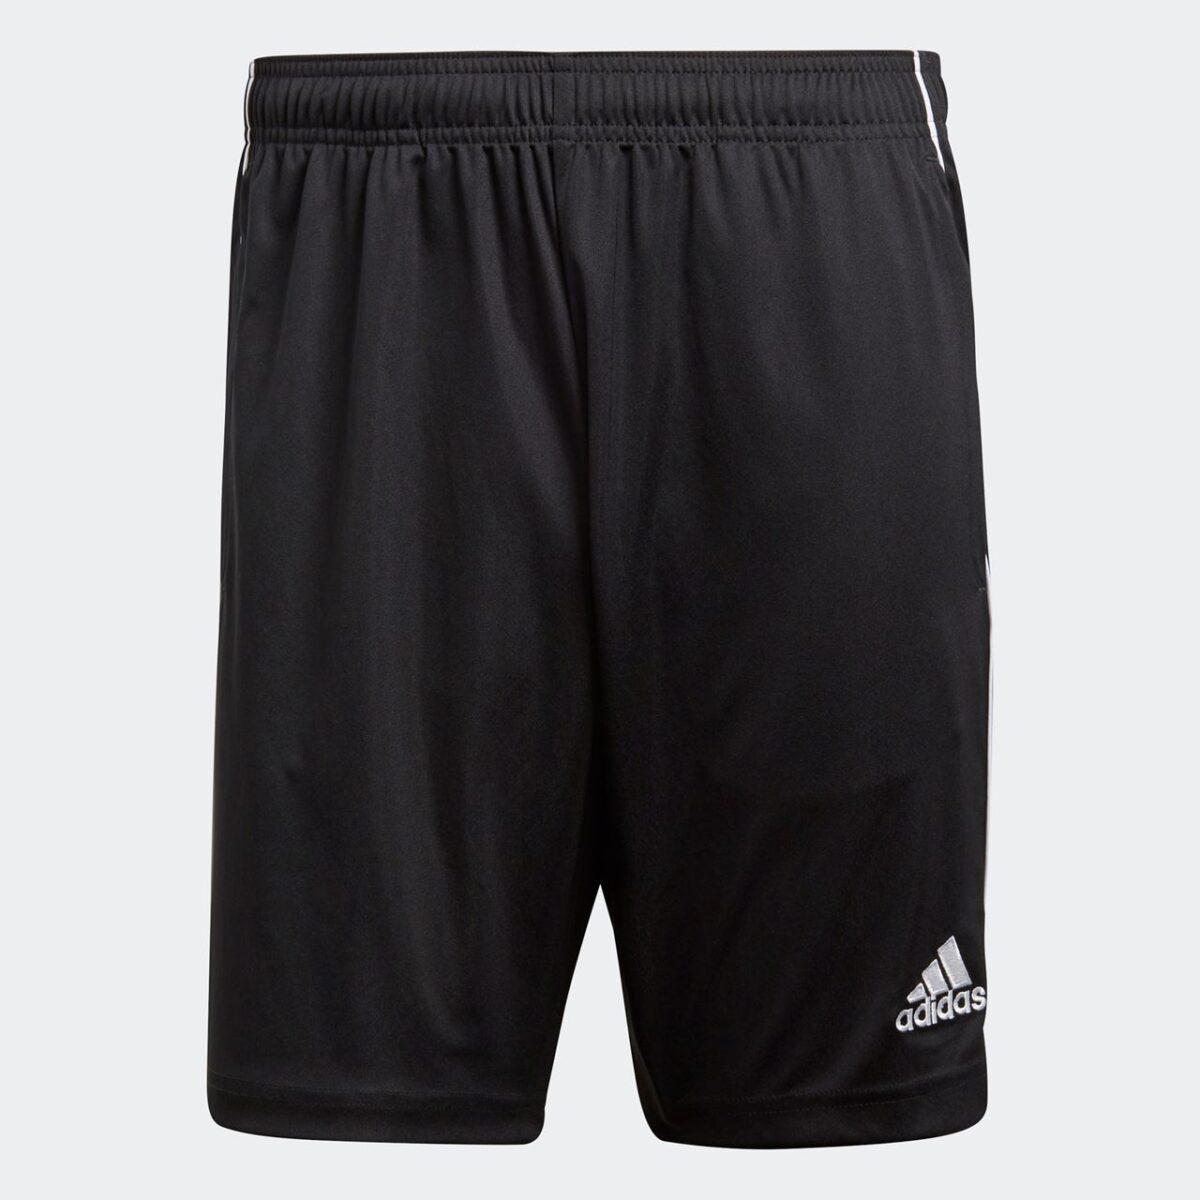 Adidas Core 18 Training Short Junior